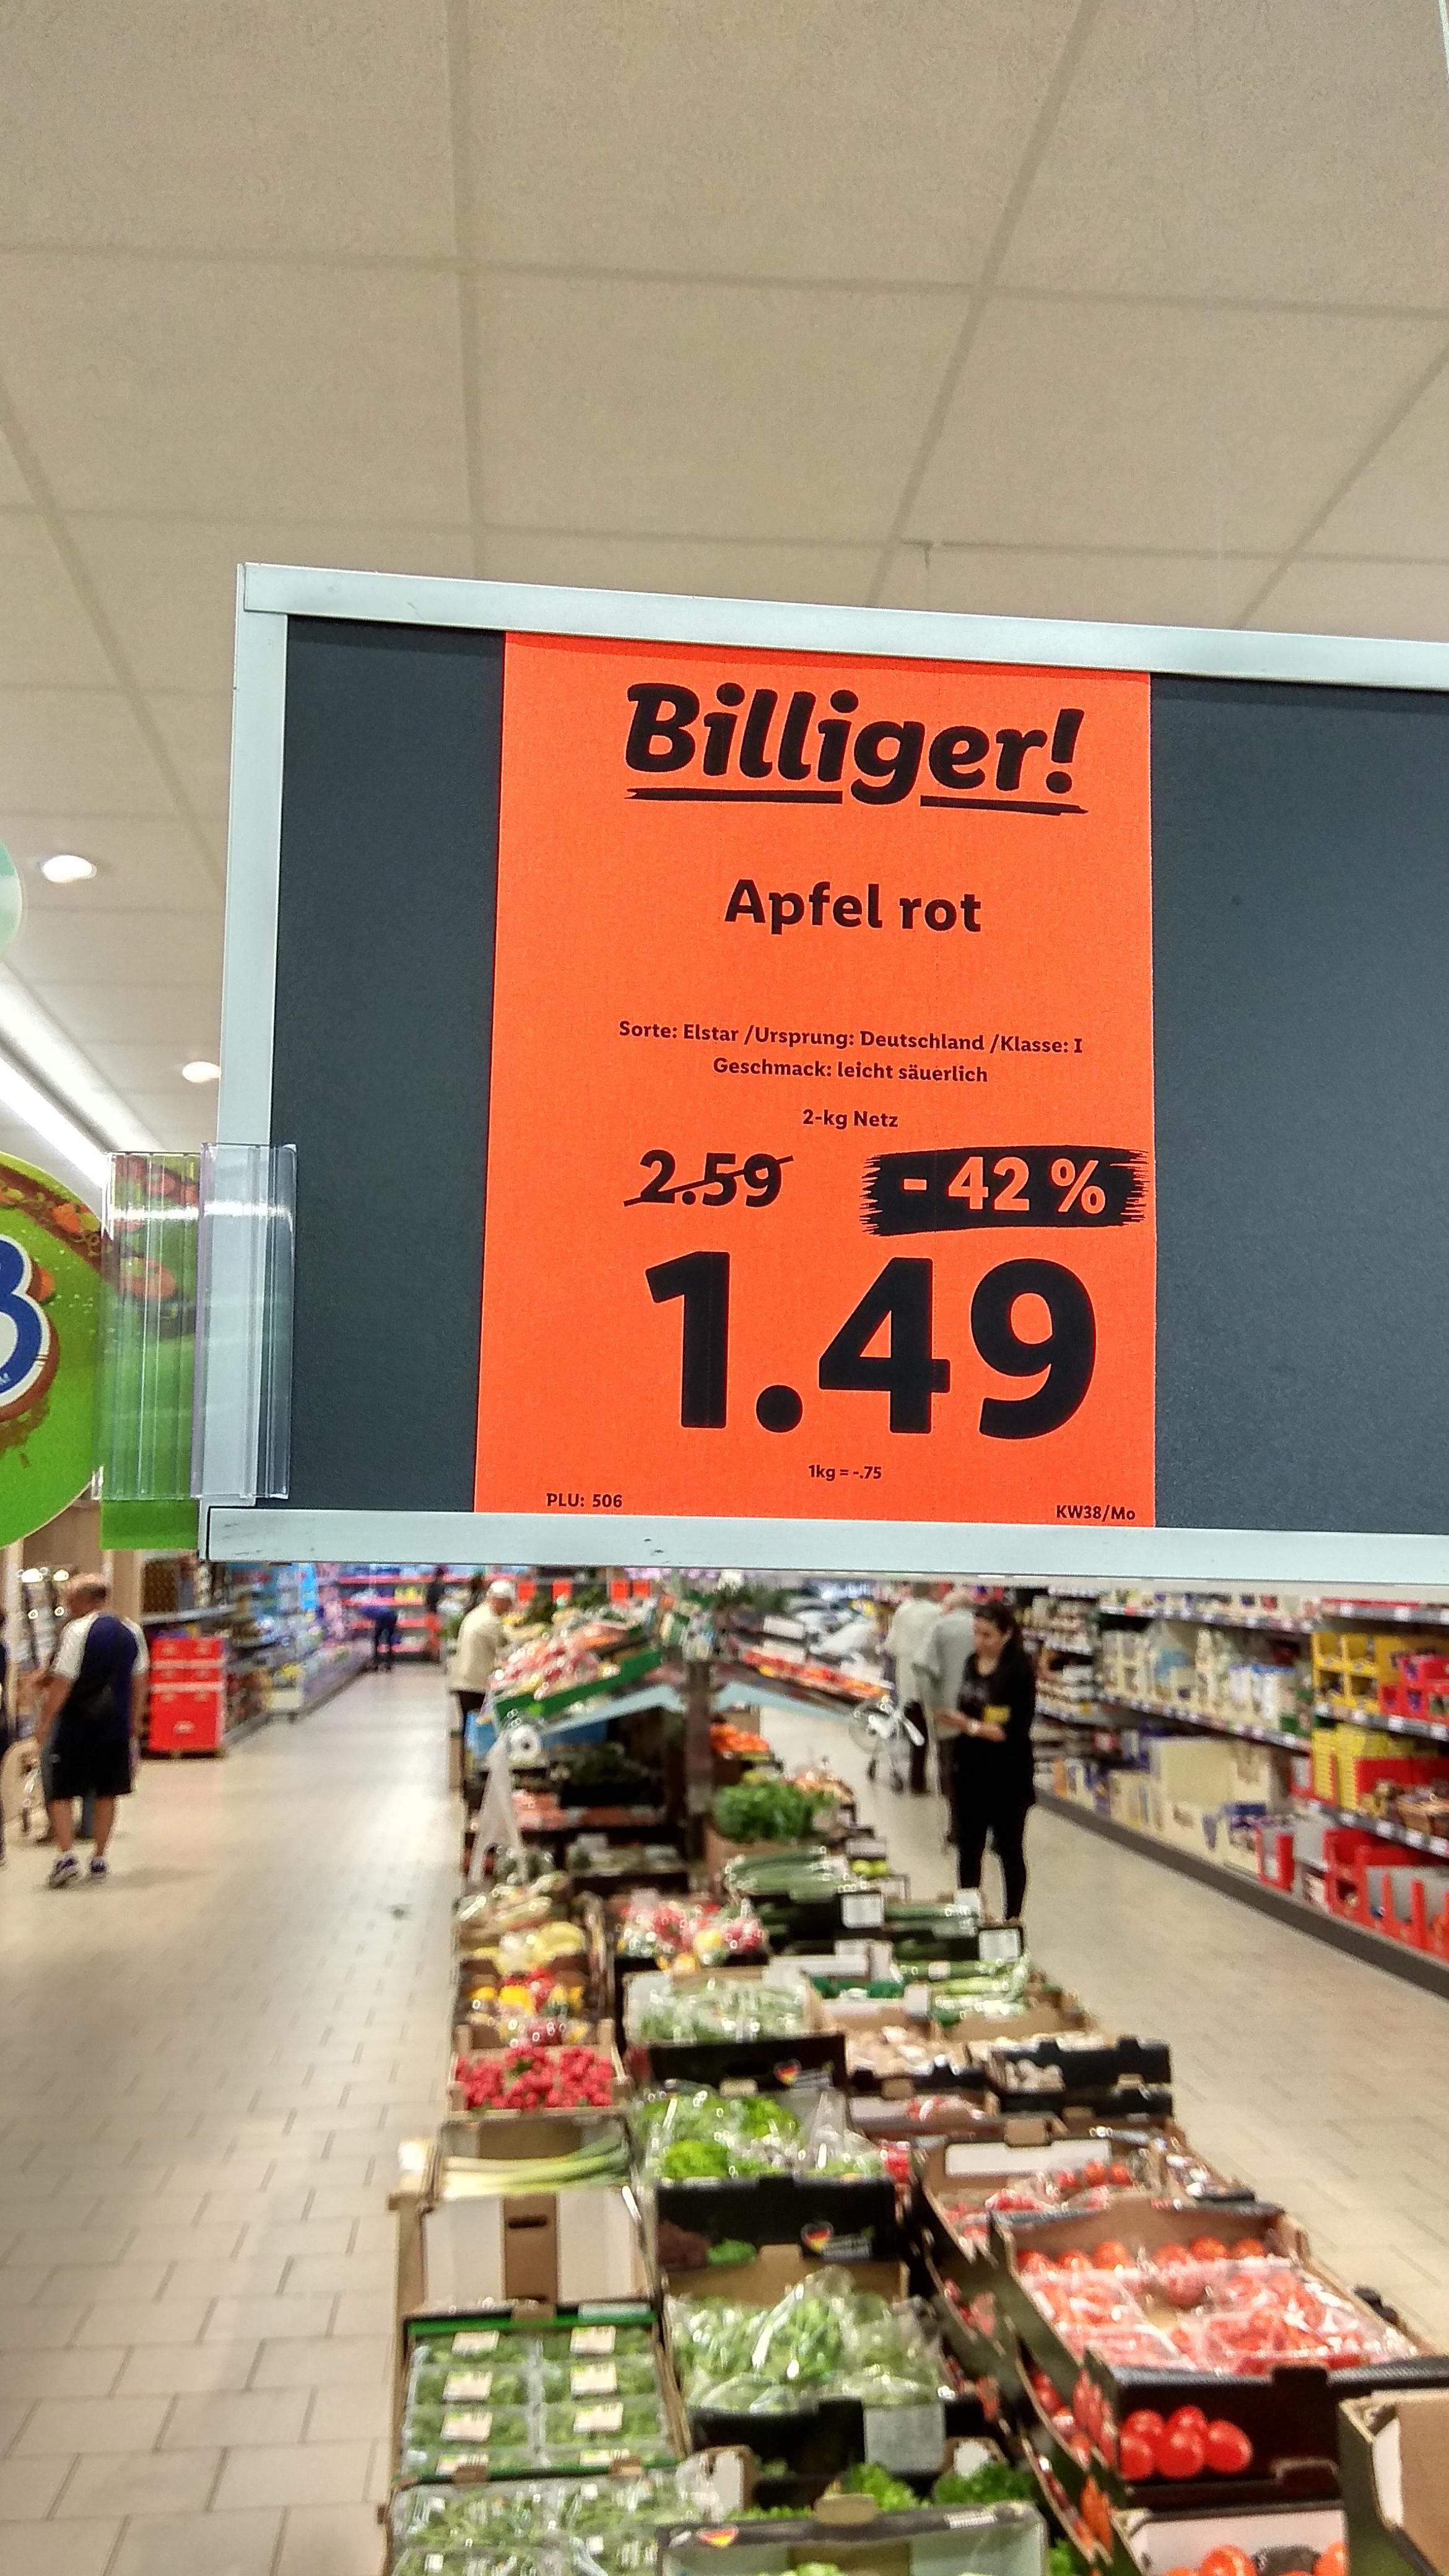 2 kg Deutsche Elstar Äpfel bei Lidl für 1,49 EUR